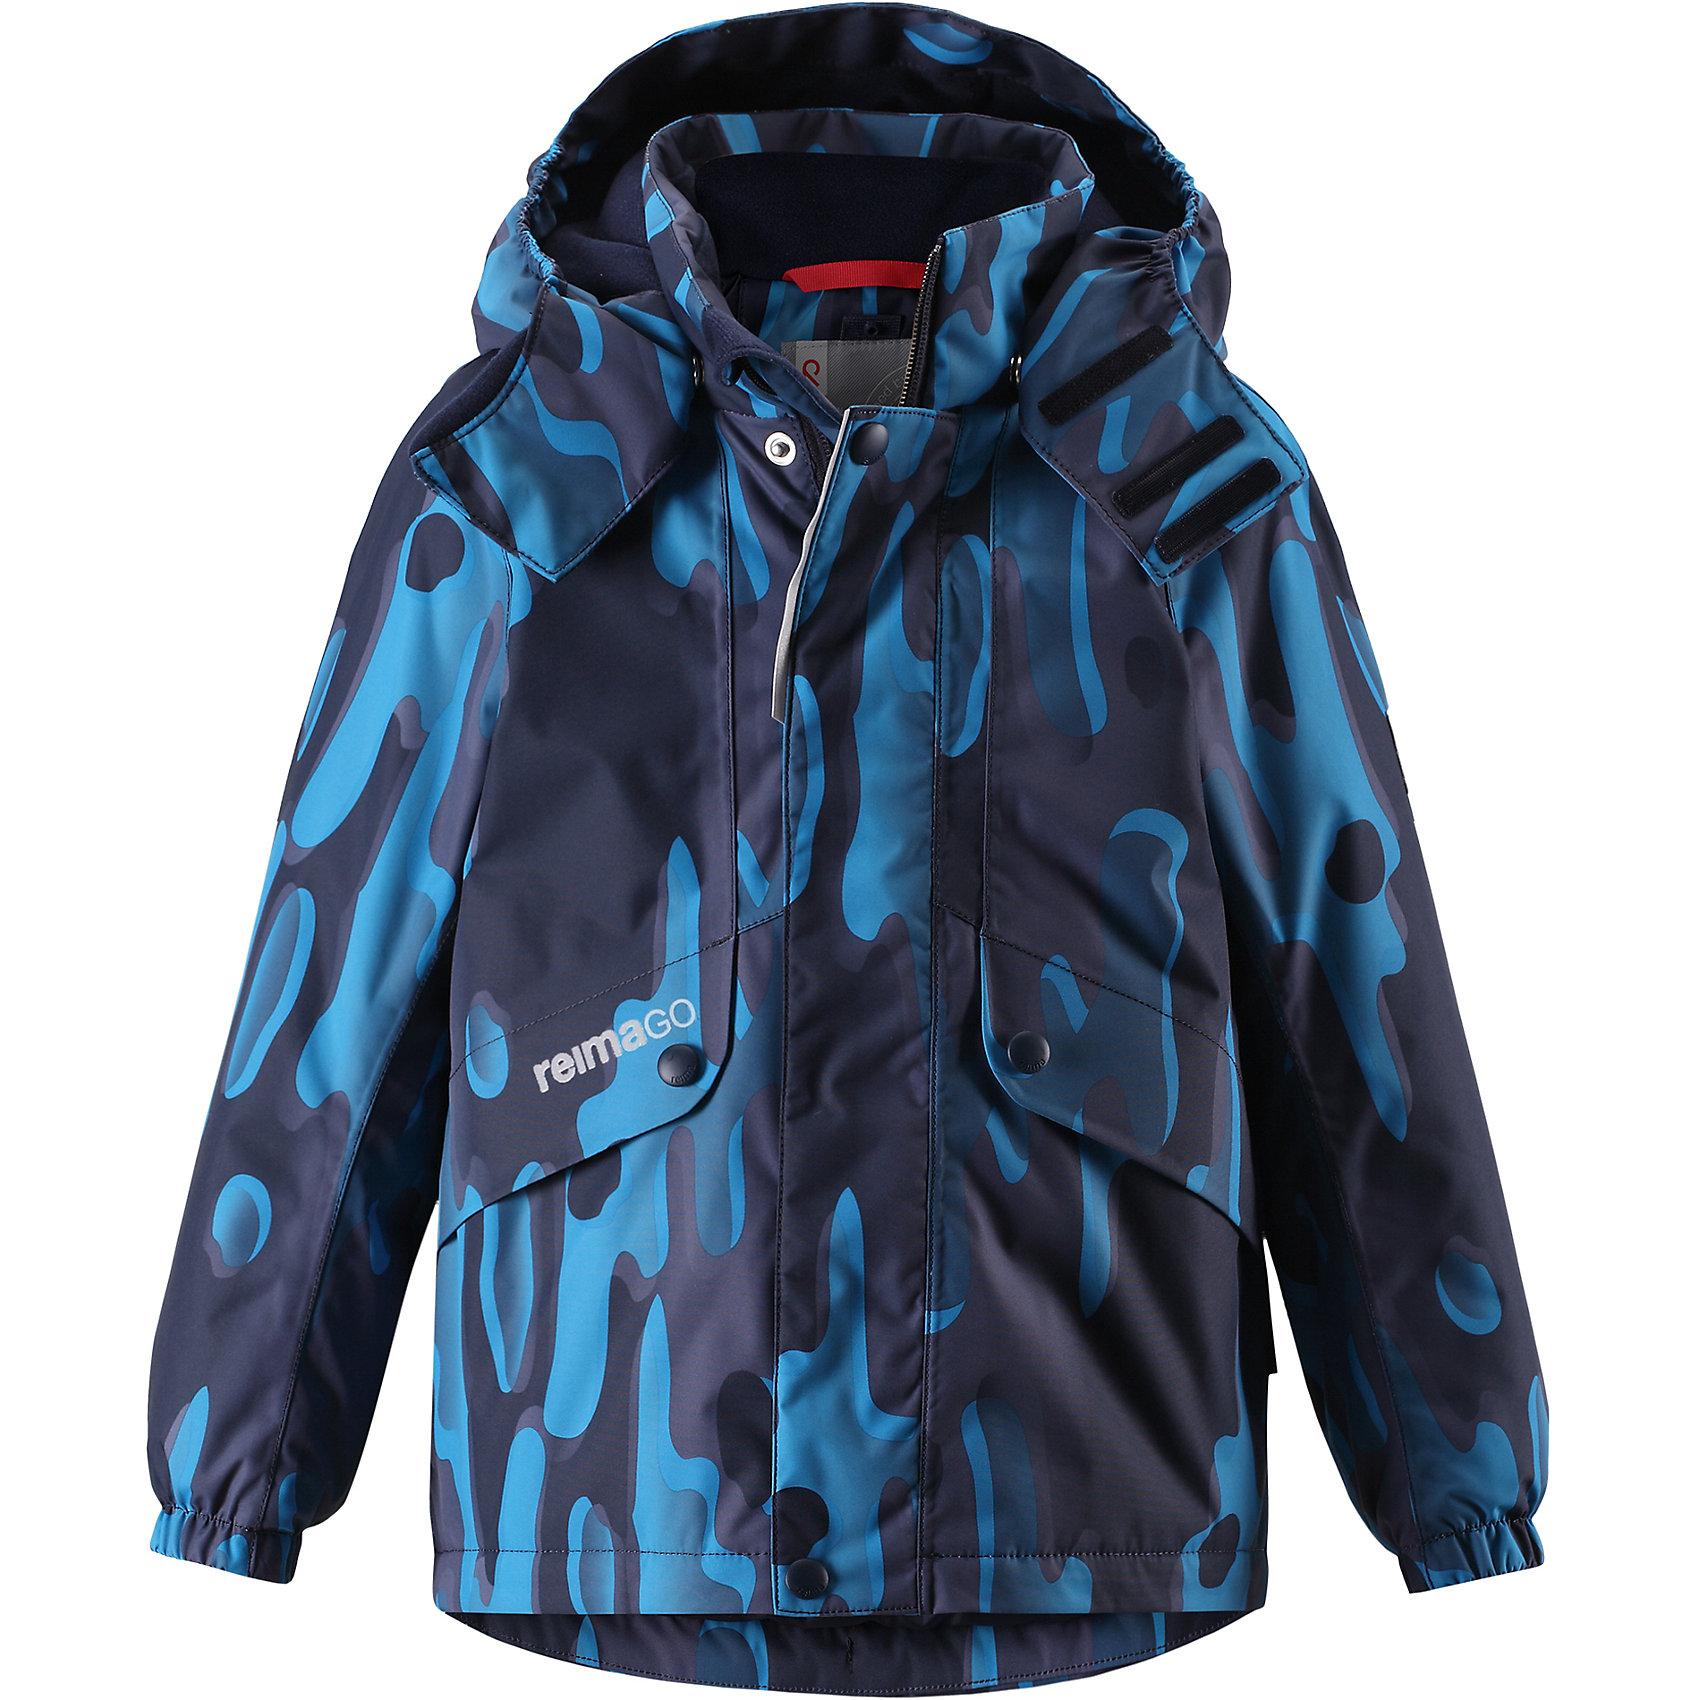 Куртка Elo Reimatec® ReimaОдежда<br>Характеристики товара:<br><br>• цвет: синий;<br>• состав: 100% полиэстер;<br>• утеплитель: 160 г/м2;<br>• сезон: зима;<br>• температурный режим: от 0 до -20С;<br>• водонепроницаемость: 15000 мм;<br>• воздухопроницаемость: 7000 мм;<br>• износостойкость: 35000 циклов (тест Мартиндейла);<br>• водо и ветронепроницаемый, дышащий и грязеотталкивающий материал;<br>• все швы проклеены и водонепроницаемы;<br>• безопасный съемный и регулируемый капюшон на кнопках;<br>• застежка: молния с дополнительной планкой на кнопках;<br>• защита подбородка от защемления;<br>• гладкая подкладка из полиэстера;<br>• эластичные манжеты;<br>• регулируемый подол;<br>• внутренний нагрудный карман;<br>• два кармана на молнии;<br>• карман с креплением для сенсора ReimaGO®;<br>• светоотражающие элементы;<br>• система кнопок Play Layers® к этой куртке можно присоединять одежду промежуточного слоя Reima®;<br>• страна бренда: Финляндия;<br>• страна производства: Китай.<br><br>Зимняя куртка с капюшоном Reimatec® изготовлена из водо и ветронепроницаемого, прочного и дышащего материала, который эффективно отталкивает грязь. Все швы проклеены, водонепроницаемы. Куртка на молнии прямого покроя подол при необходимости легко регулируется, что позволяет подогнать куртку точно по фигуре. <br><br>Съемный и регулируемый капюшон защищает от пронизывающего ветра и проливного дождя, а еще он безопасен во время игр на свежем воздухе. С помощью удобной системы кнопок Play Layers® к этой куртке можно присоединять одежду промежуточного слоя Reima®, которая подарит вашему ребенку дополнительное тепло и комфорт. <br><br>В куртке предусмотрены два кармана на молнии, внутренний нагрудный карман, карман для сенсора ReimaGO® и множество светоотражающих деталей. Эта куртка очень проста в уходе, кроме того, ее можно сушить в стиральной машине.<br><br>Куртка Elo Reimatec® Reima можно купить в нашем интернет-магазине.<br><br>Ширина мм: 356<br>Глубина мм: 10<br>Высота мм: 245<br>Вес г: 519<br>